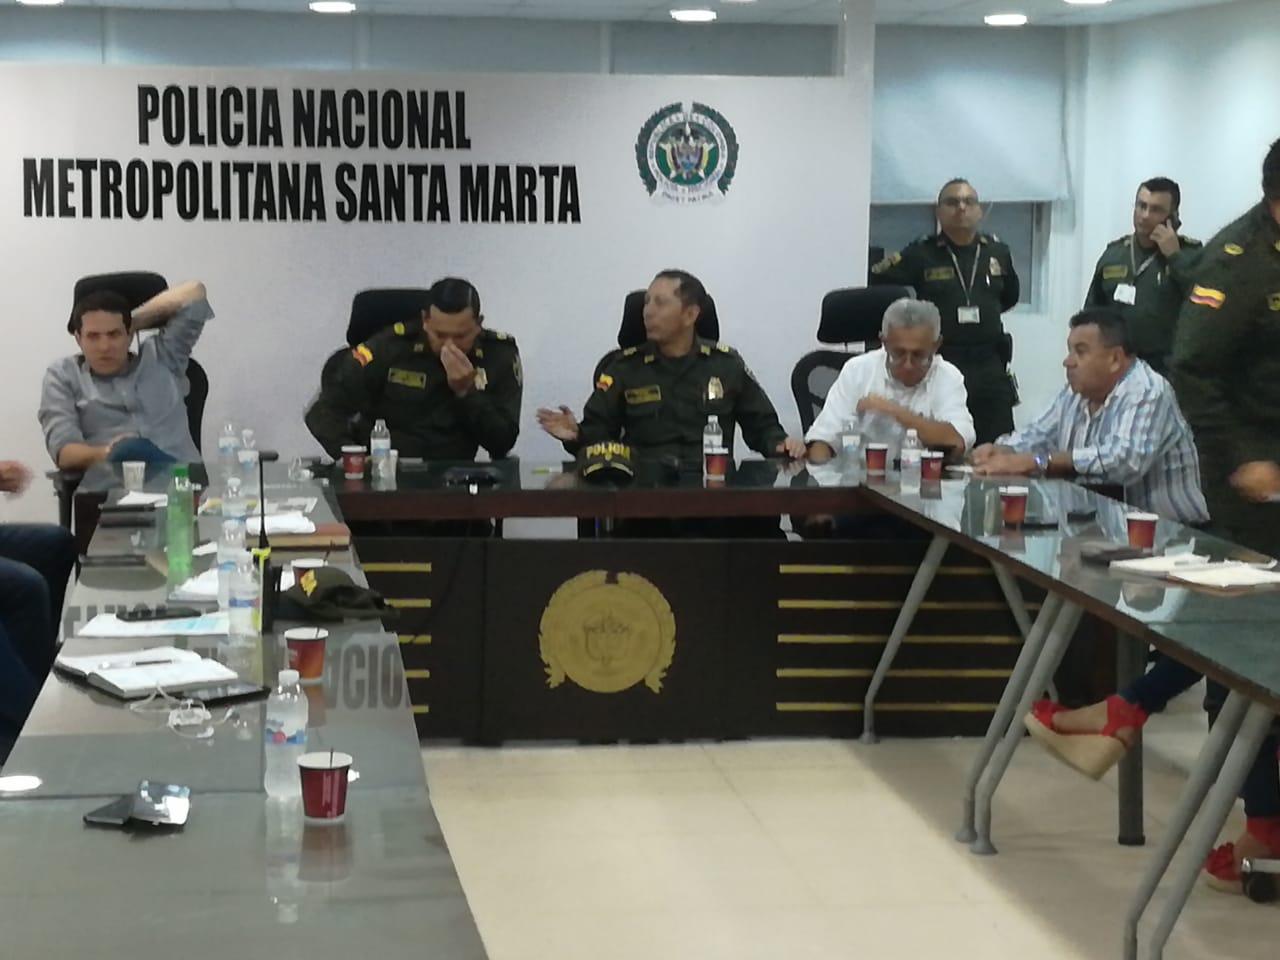 Reunión del Comité Local de Seguridad y Convivencia Ciudadana para el Fútbol.